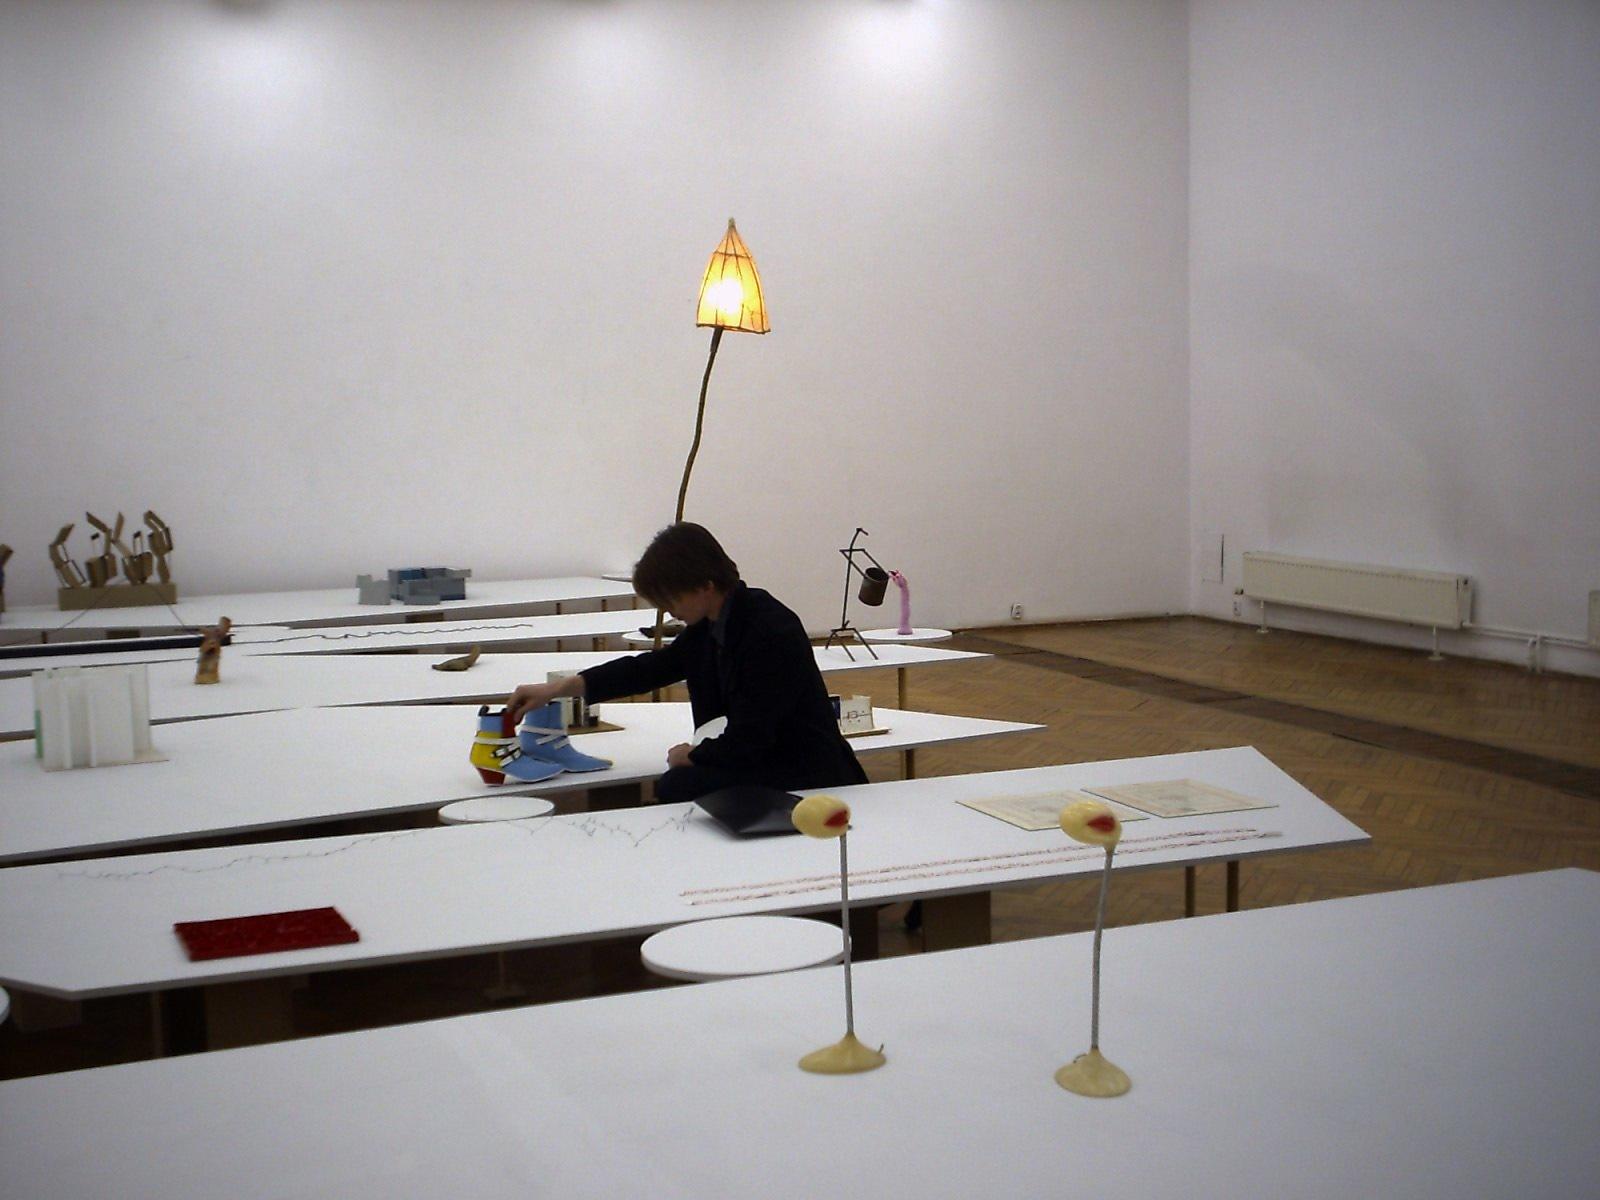 Ostatnie poprawki przedotwarciem wystawy Prym,2004